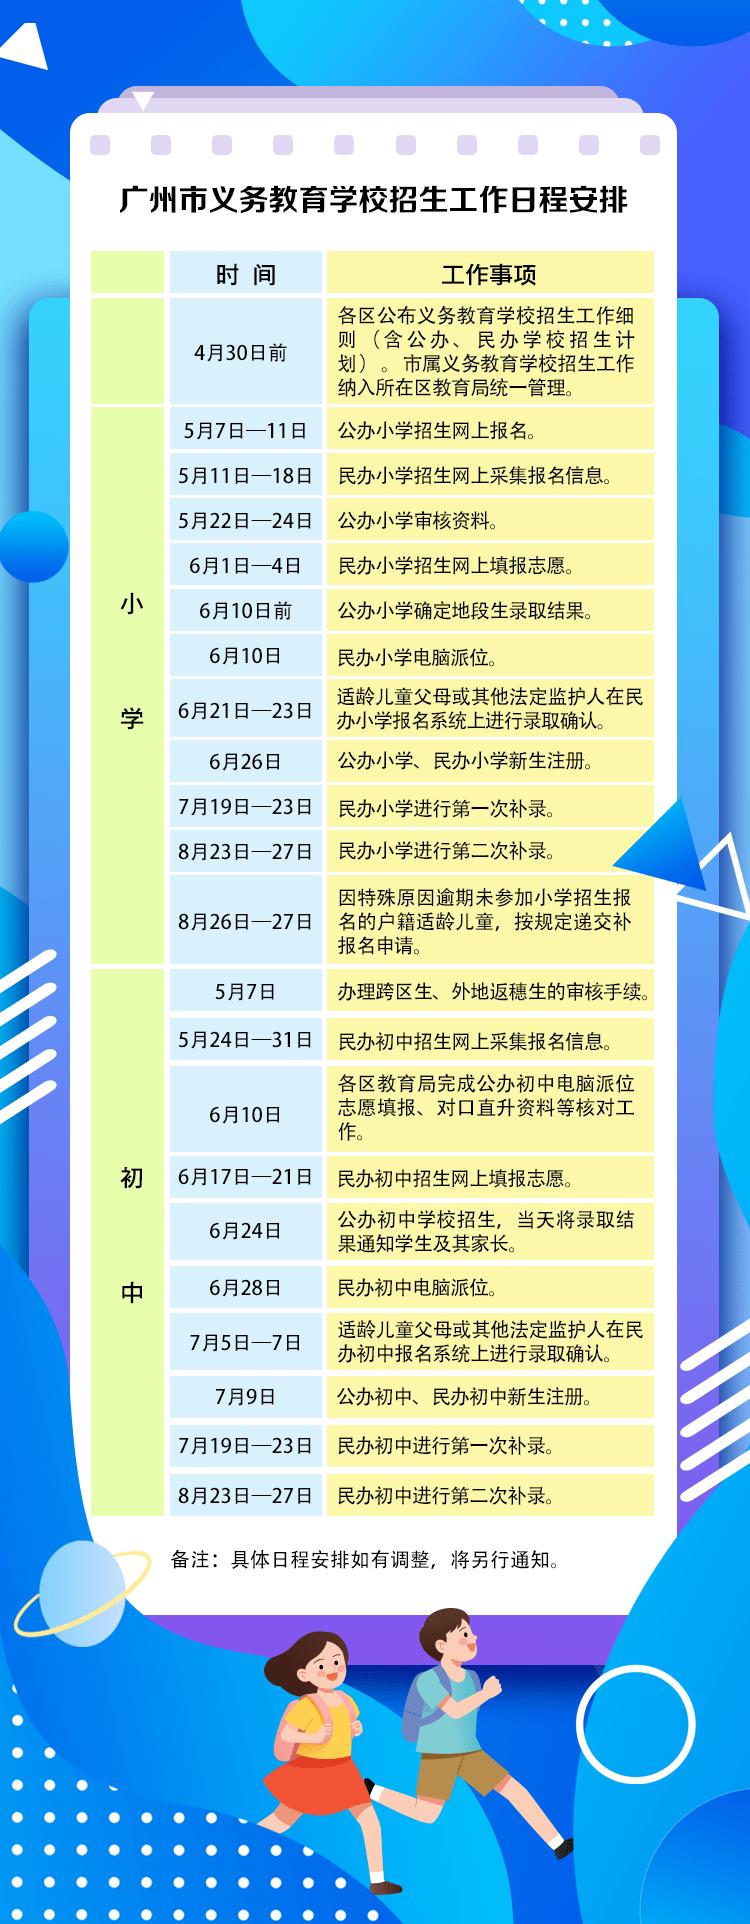 广州小学初中招生安排定了!小学5月7日起报名